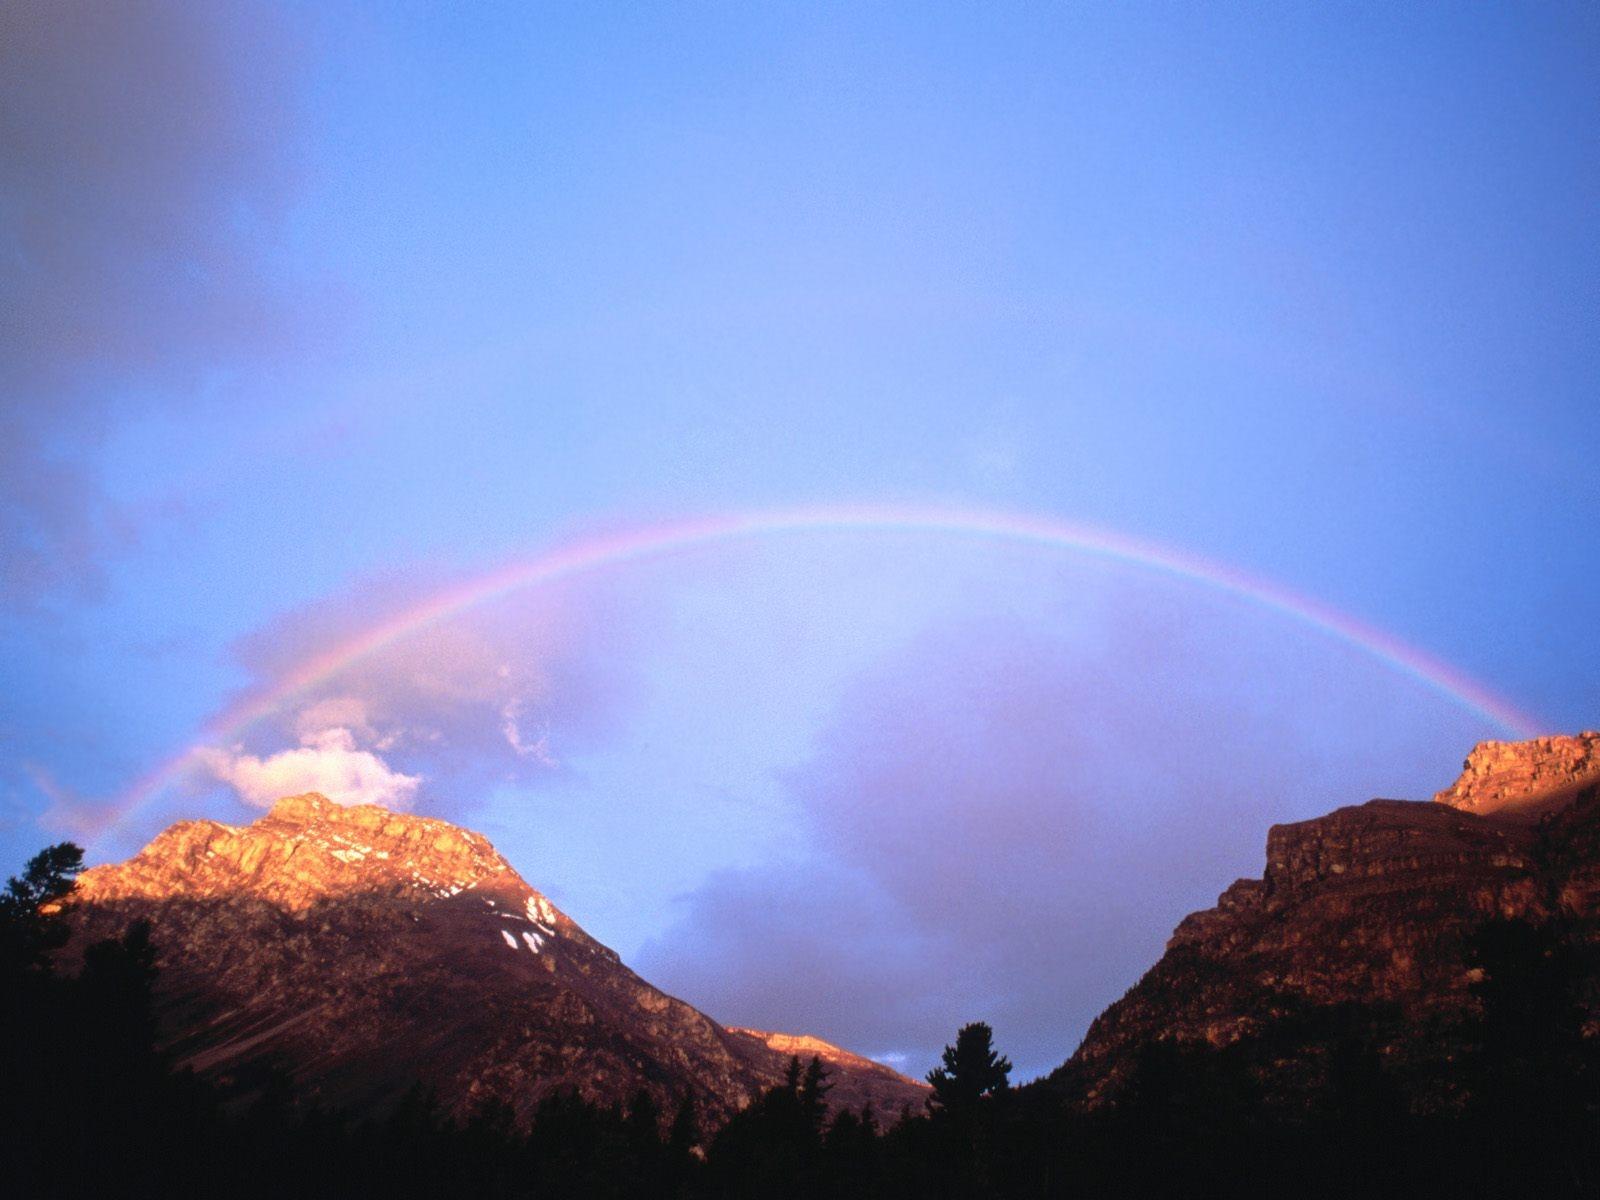 http://4.bp.blogspot.com/-Jjcjg4Fr8yw/UCqQRJf97eI/AAAAAAAAAPQ/47rW2vFTRk0/s1600/rainbow-hd-4-764483.jpg